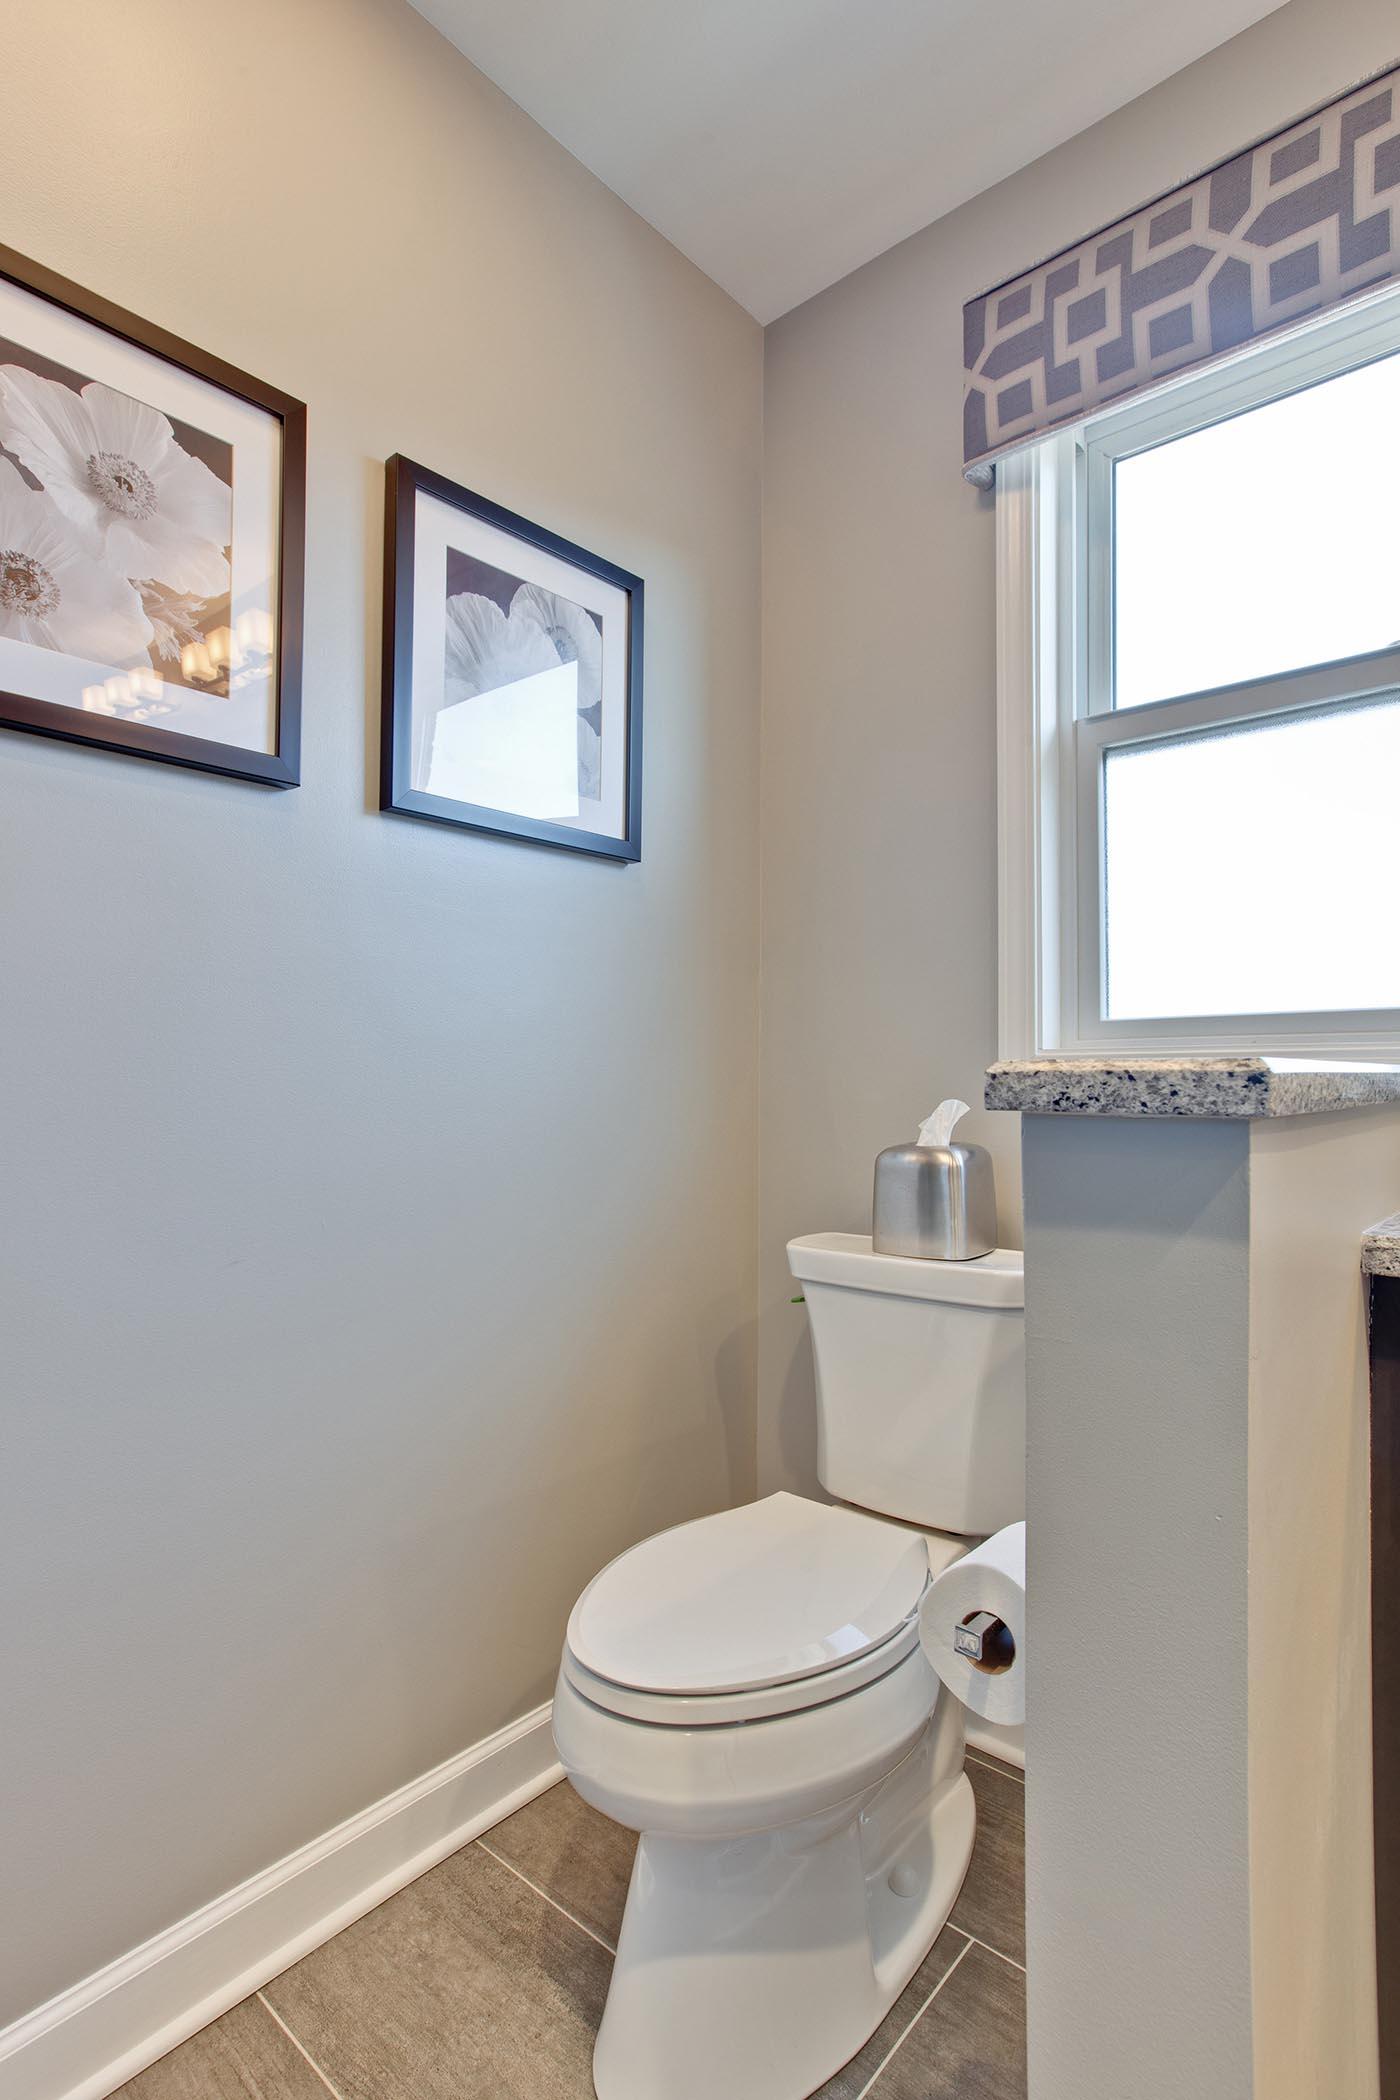 Julie-A-Green-Oaks-Bathroom-after-5